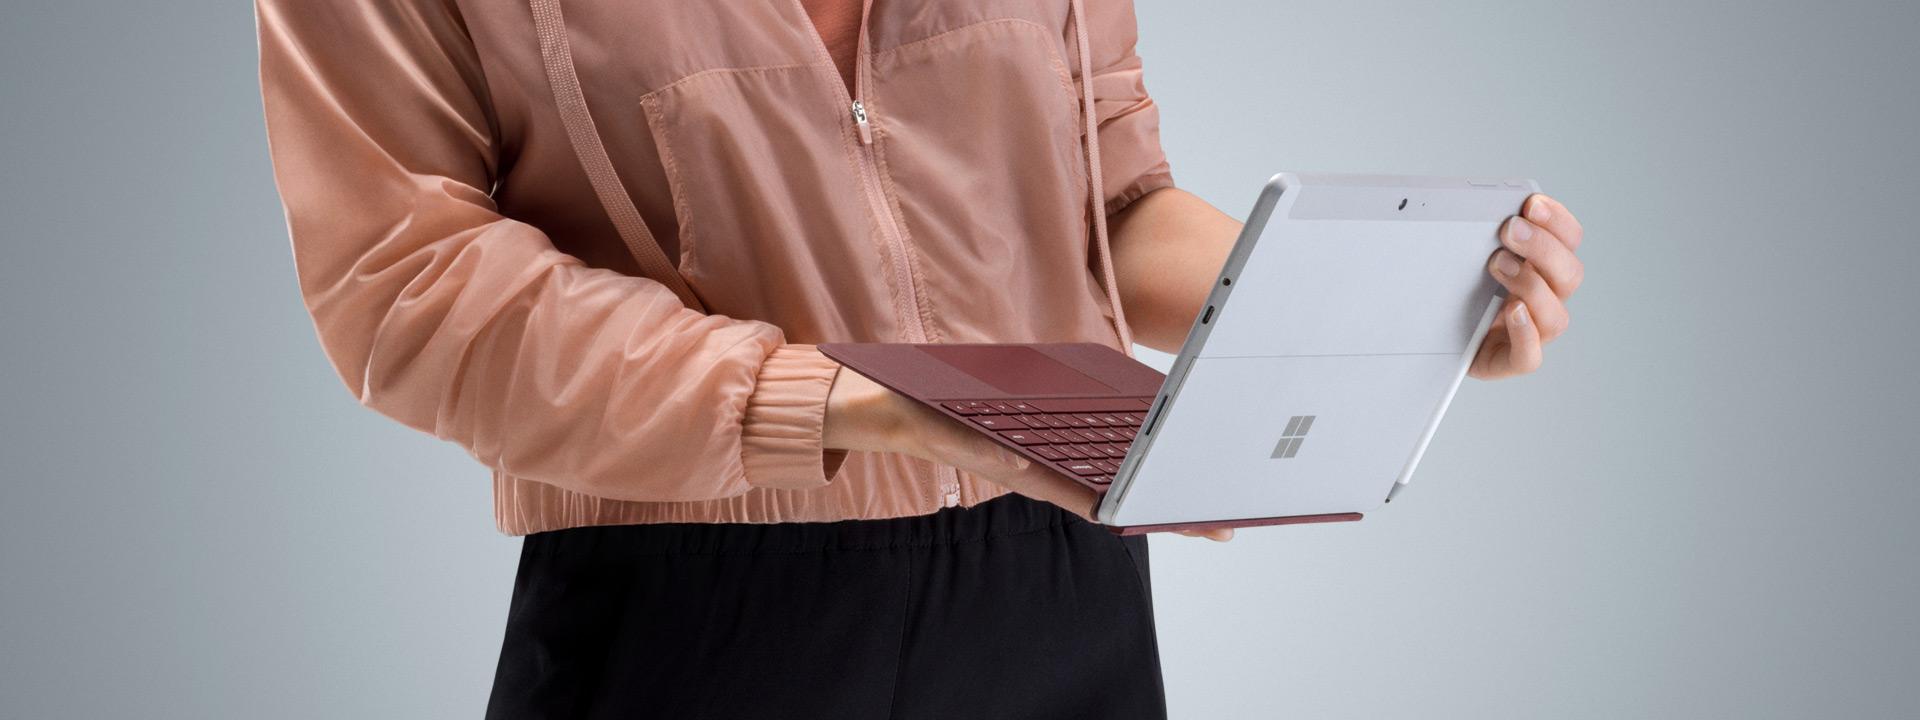 穿著粉紅色外套的女孩拿著 Surface Go